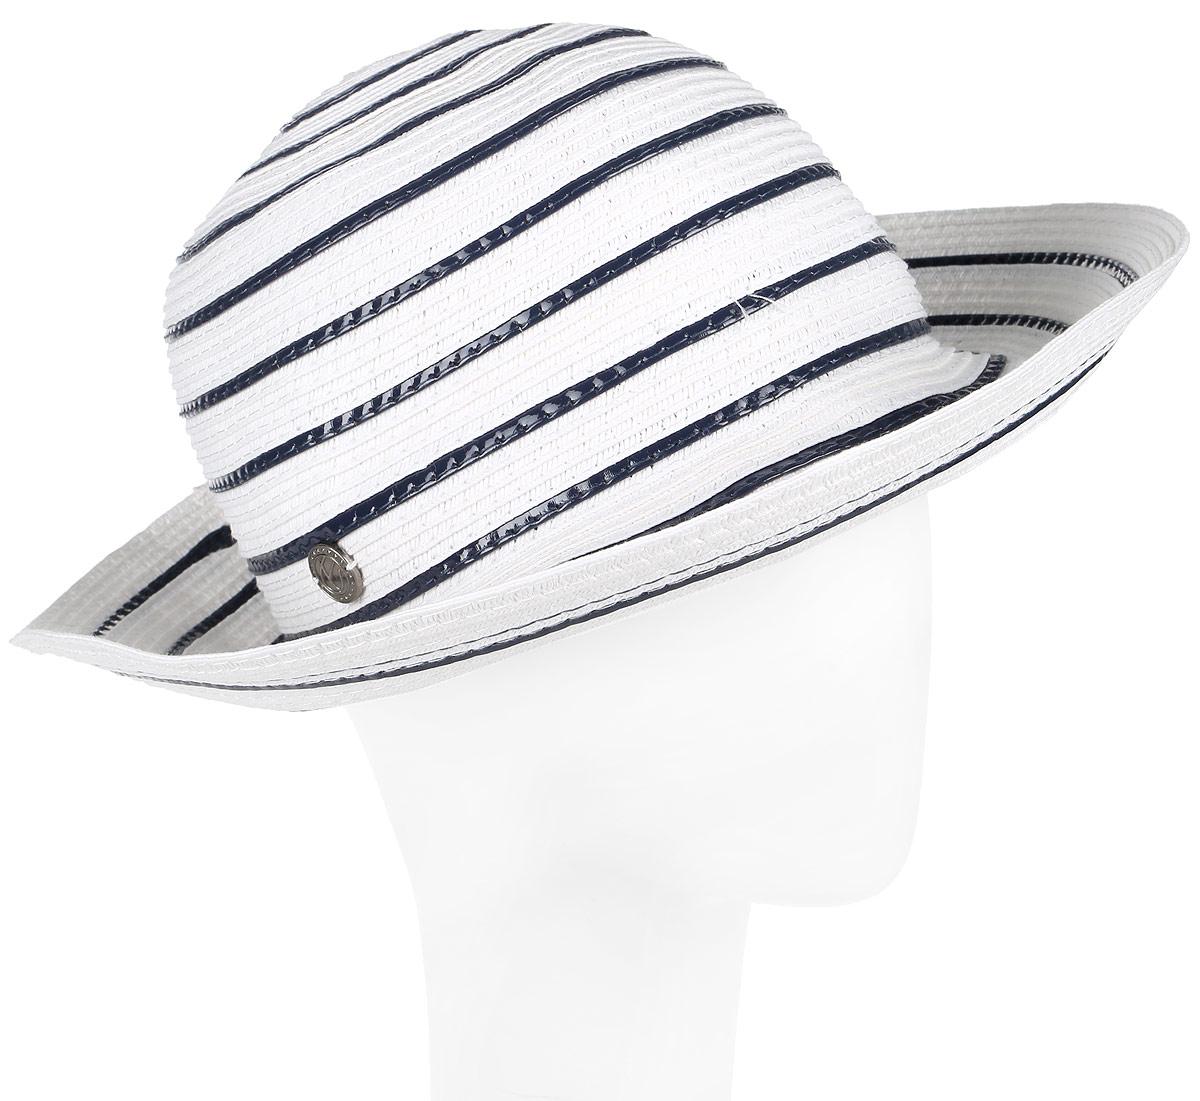 Шляпа женская R.Mountain Romy, цвет: белый, темно-синий. 77-139-38. Размер S/M (55/57)77-139-38Летняя женская шляпа R.Mountain Romy станет незаменимым аксессуаром для пляжа и отдыха на природе. Такая шляпка не только защитит вас от солнца, но и станет стильным дополнением вашего образа.Шляпа оформлена небольшим металлическим логотипом фирмы в морской тематике. Плетение шляпы обеспечивает необходимую вентиляцию и комфорт даже в самый знойный день. Шляпа легко восстанавливает свою форму после сжатия.Эта элегантная легкая шляпка подчеркнет вашу неповторимость и дополнит ваш повседневный образ.